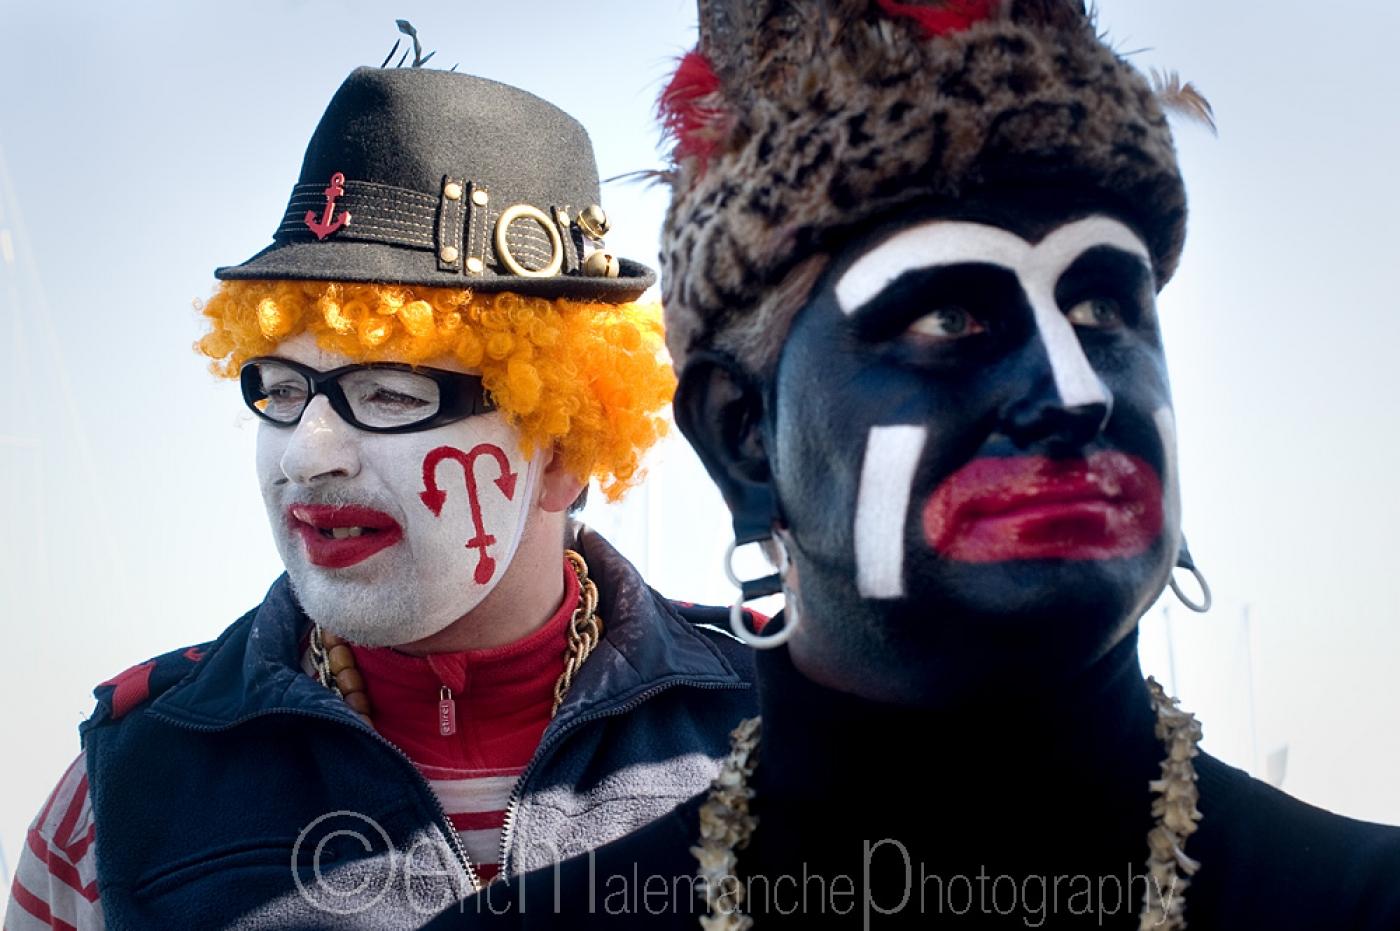 http://www.ericmalemanche.com/imagess/topics/carnaval-de-dunkerque/liste/Carnaval-Dunkerque-1143.jpg